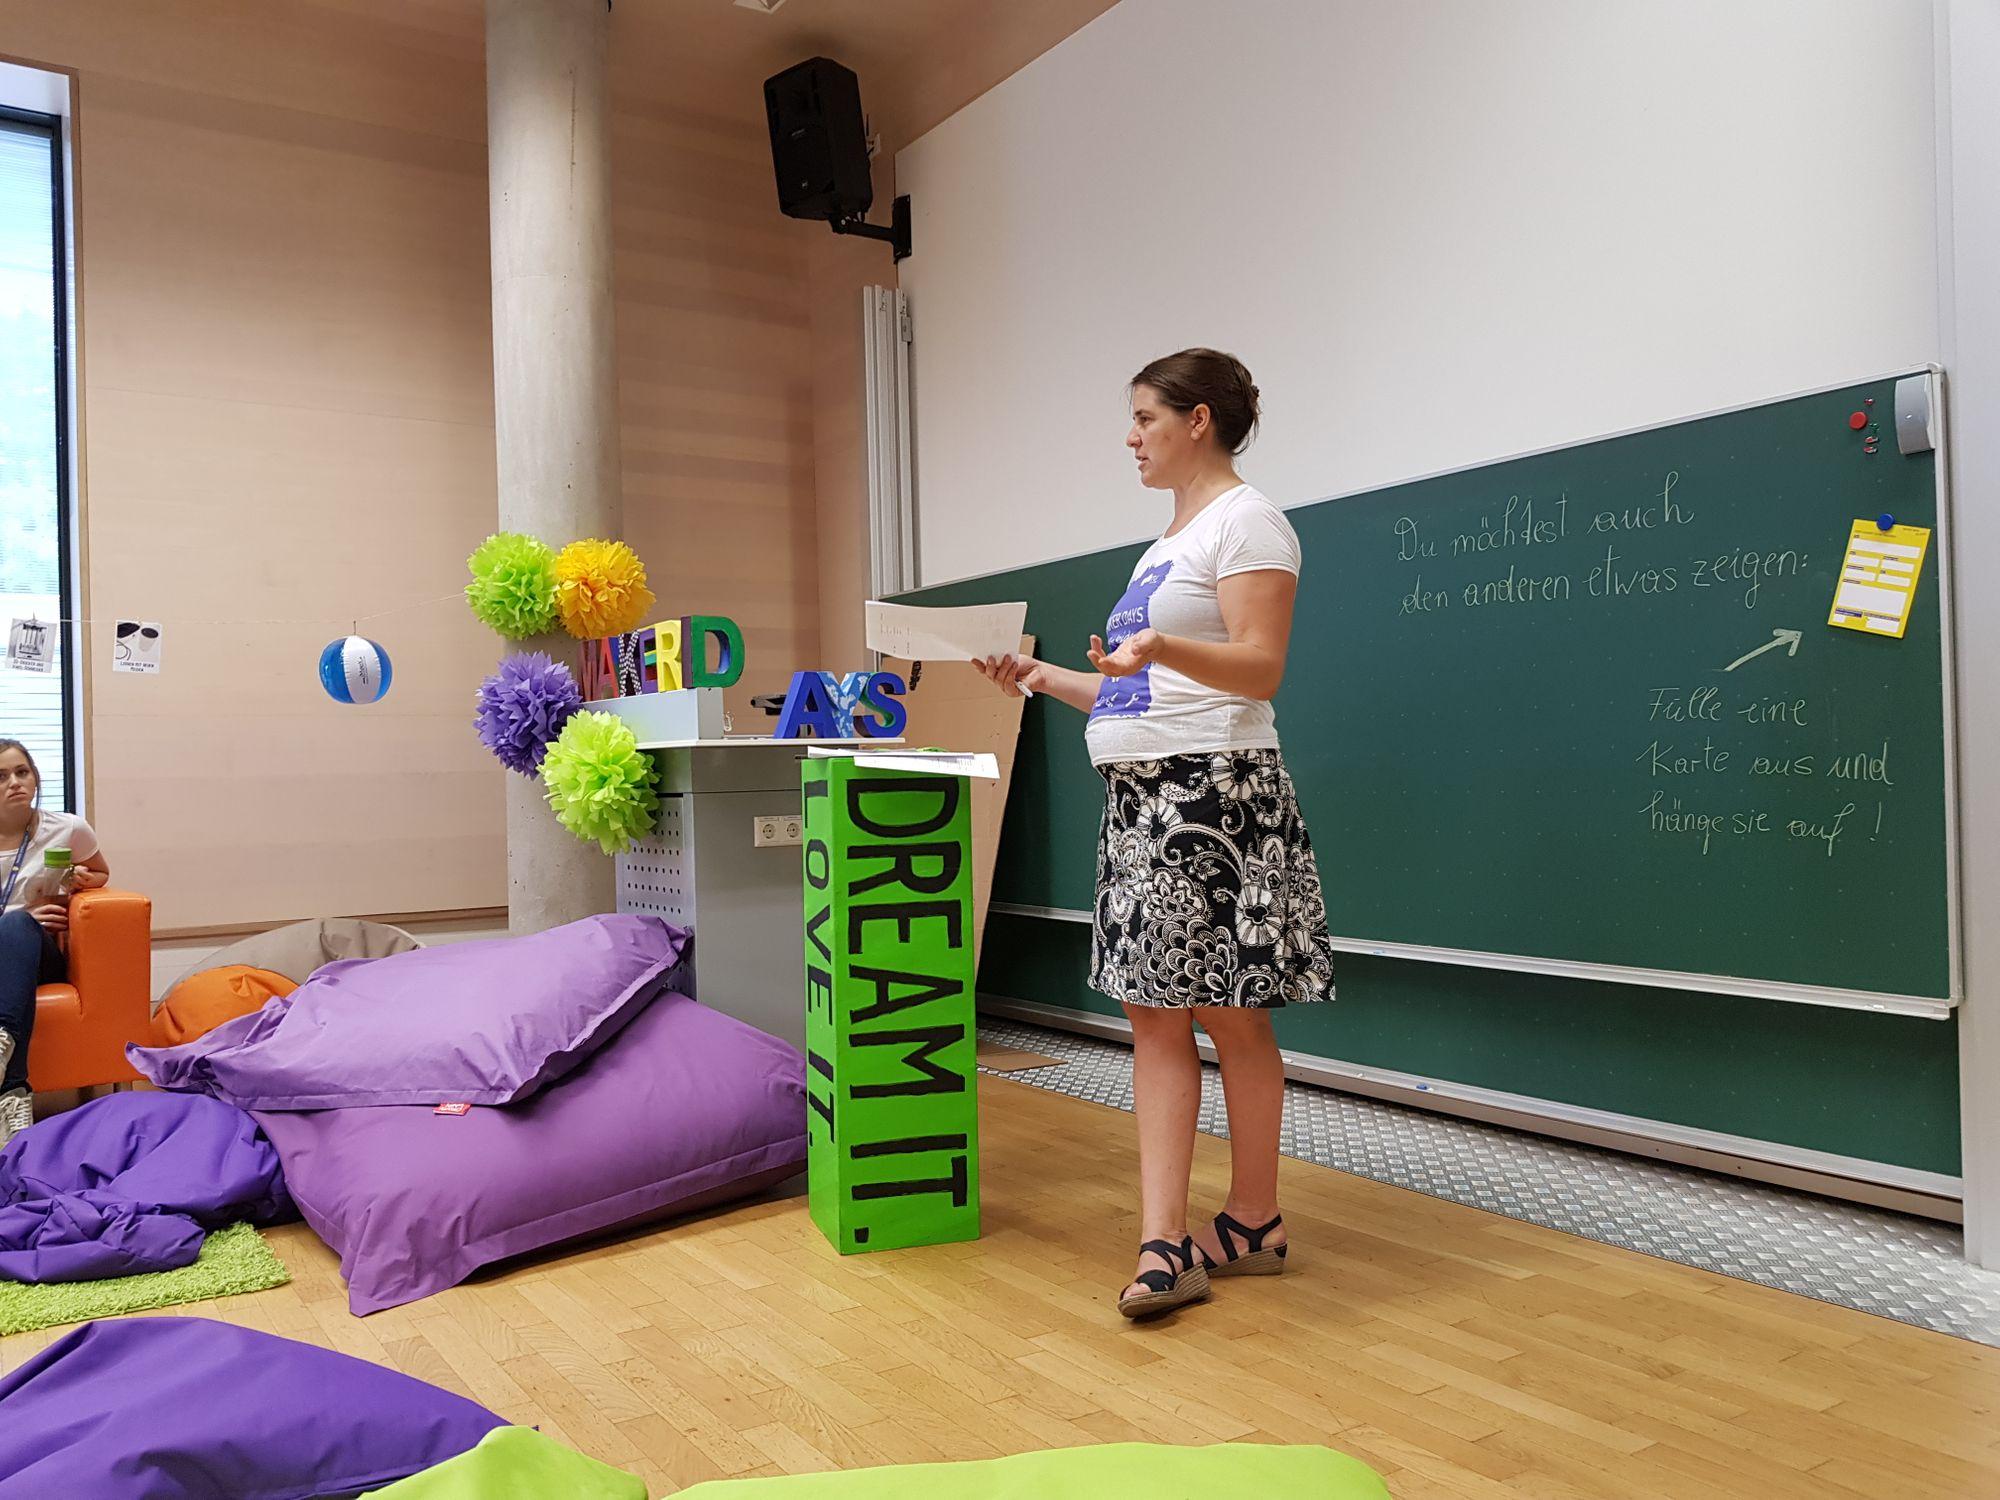 Sandra Schön informiert beim Briefing vor den Leuten über den Tagesablauf.